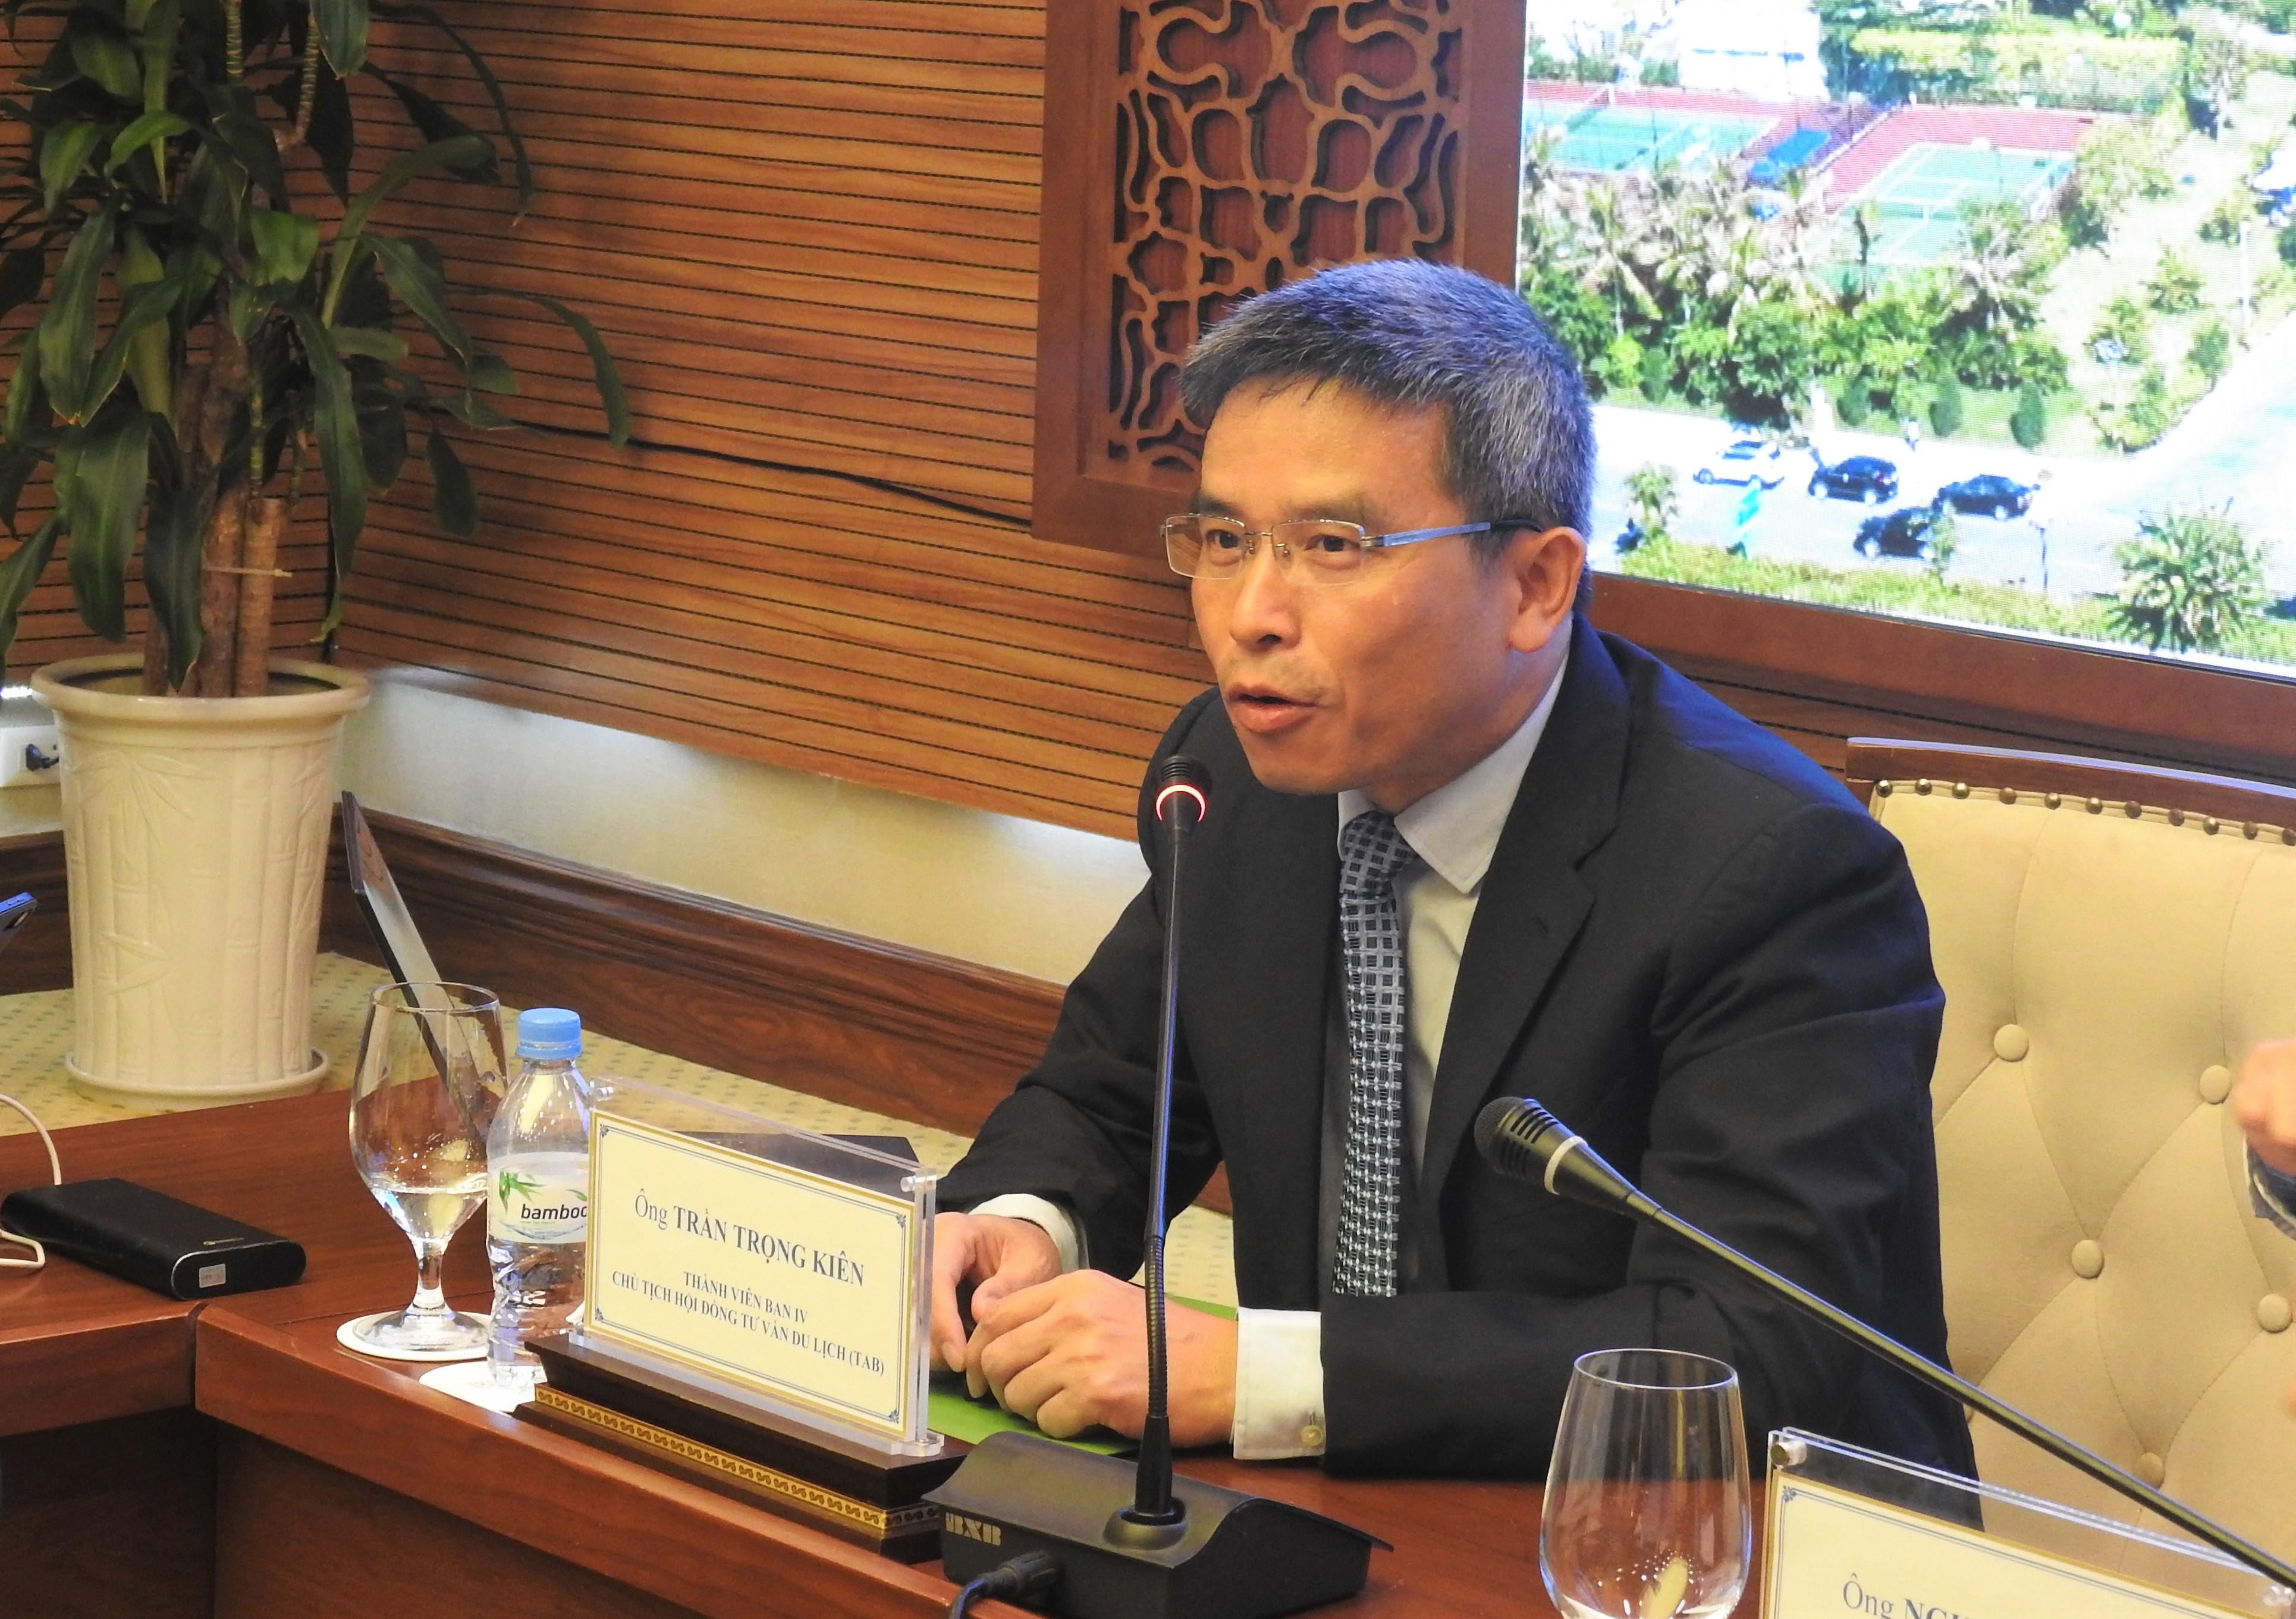 Phó Thủ tướng: Hàng không Cánh Diều chưa đủ điều kiện xem xét thành lập - Ảnh 1.